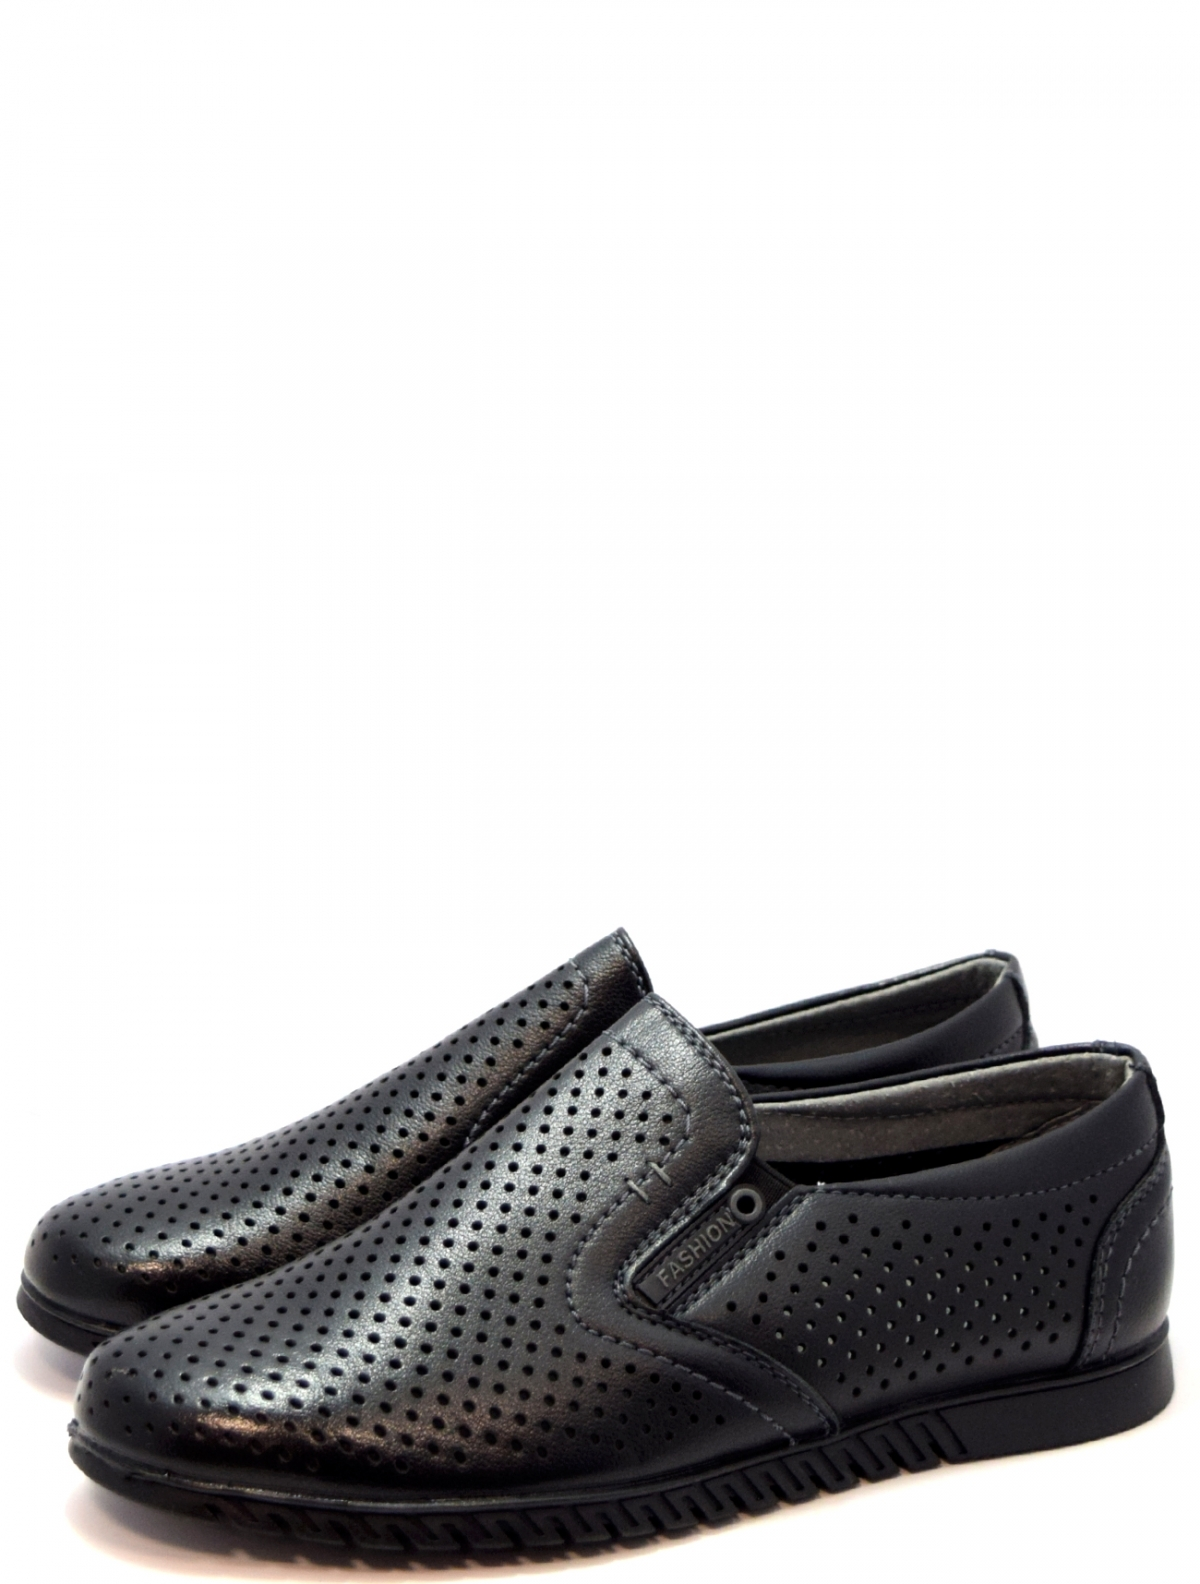 Капитошка A12530  туфли для мальчика